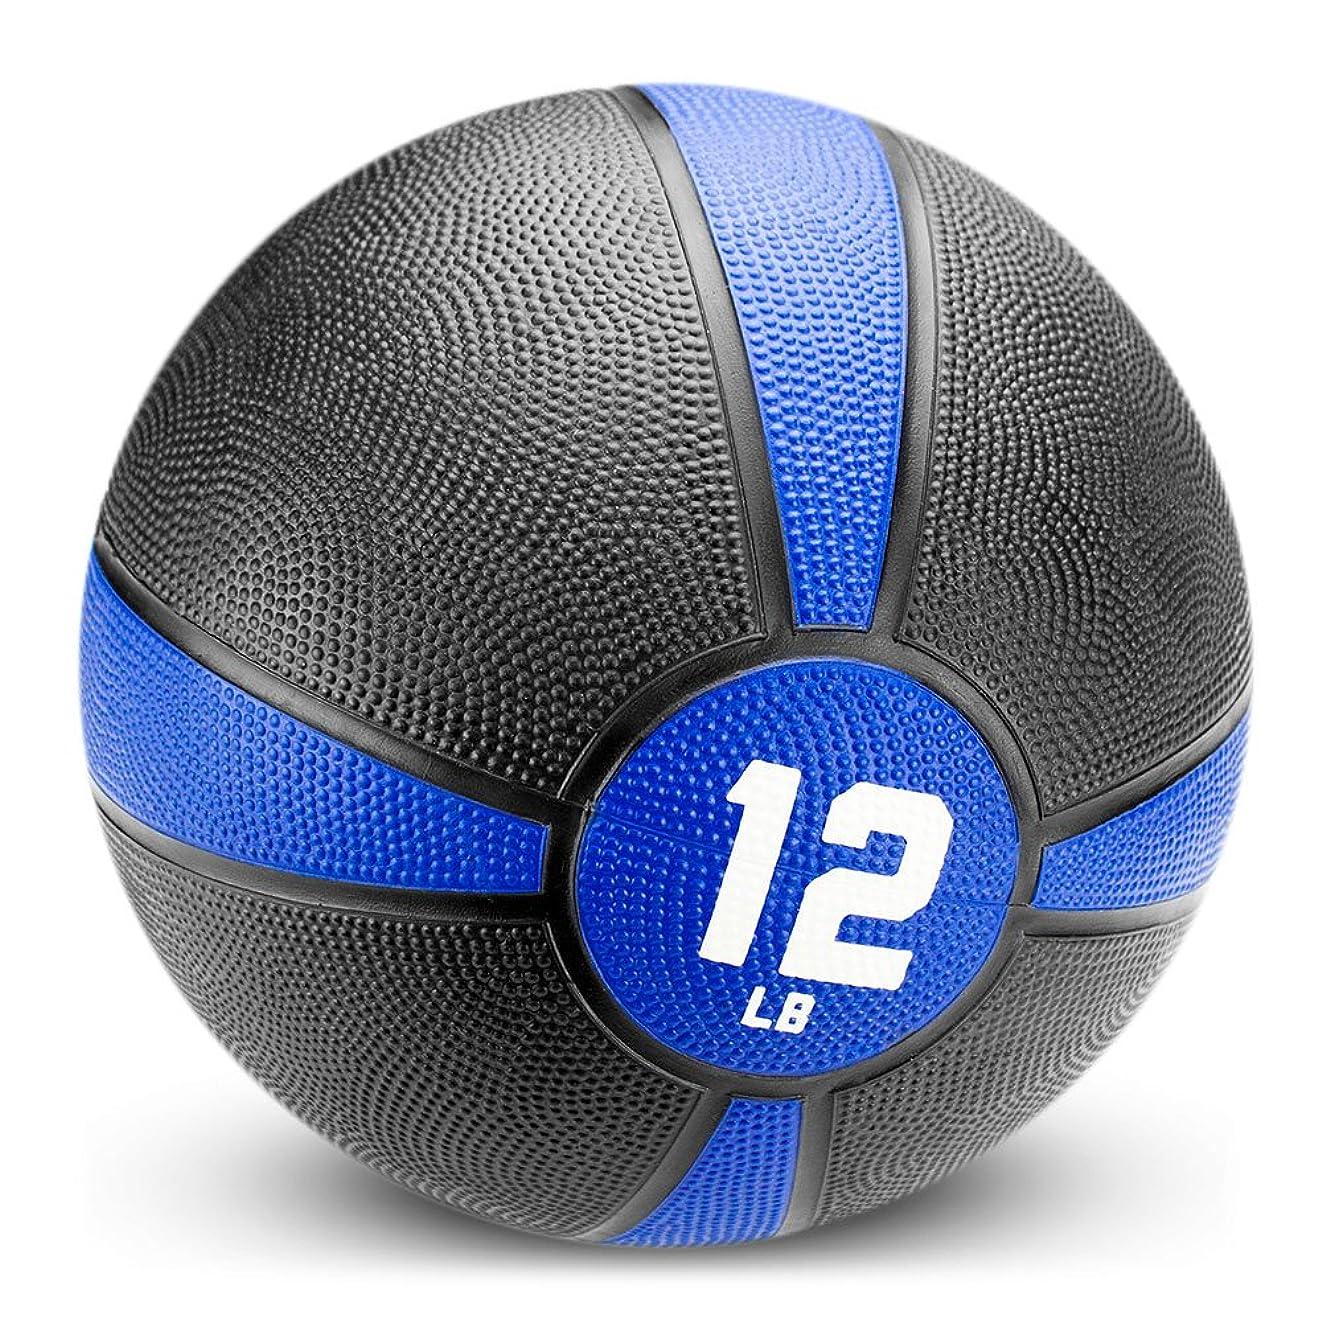 拘束放射性回復クラウンスポーツ用品TuffグリップゴムMedicine Ball